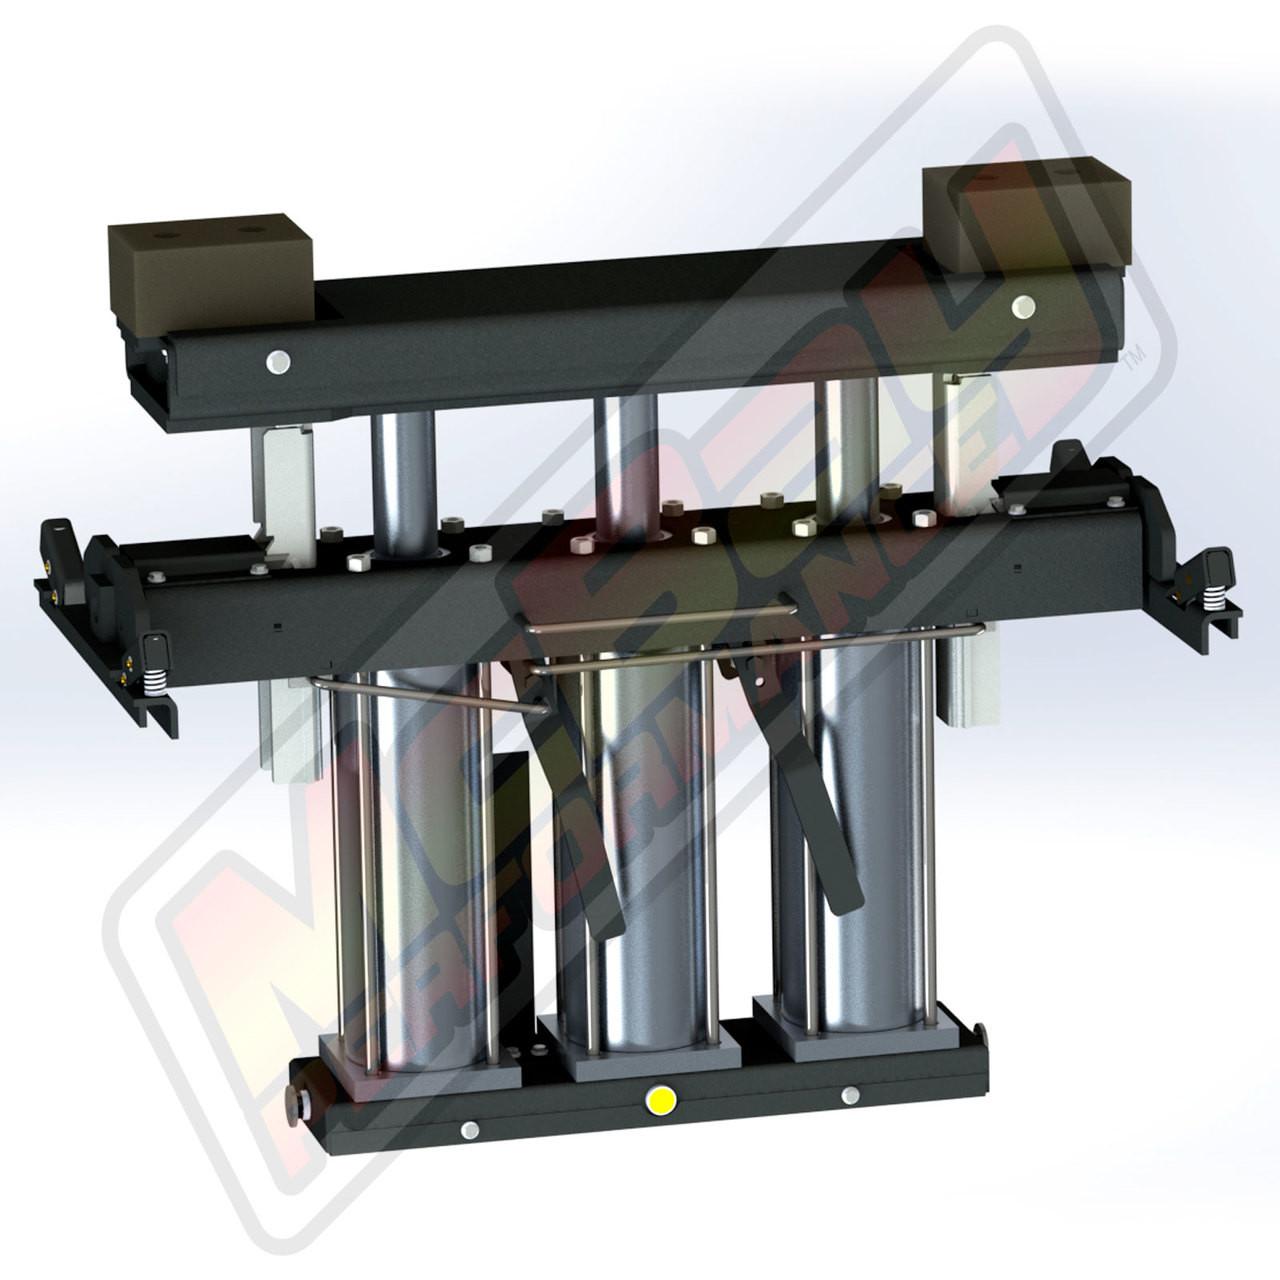 RJ-6000, RJ-7000, RJ-8000 - 6000 lb, 7000 lb, or 8000 lb Pneumatic Pivoting Rolling Bridge Jack for Post or Scissor Lifts | McBay Performance